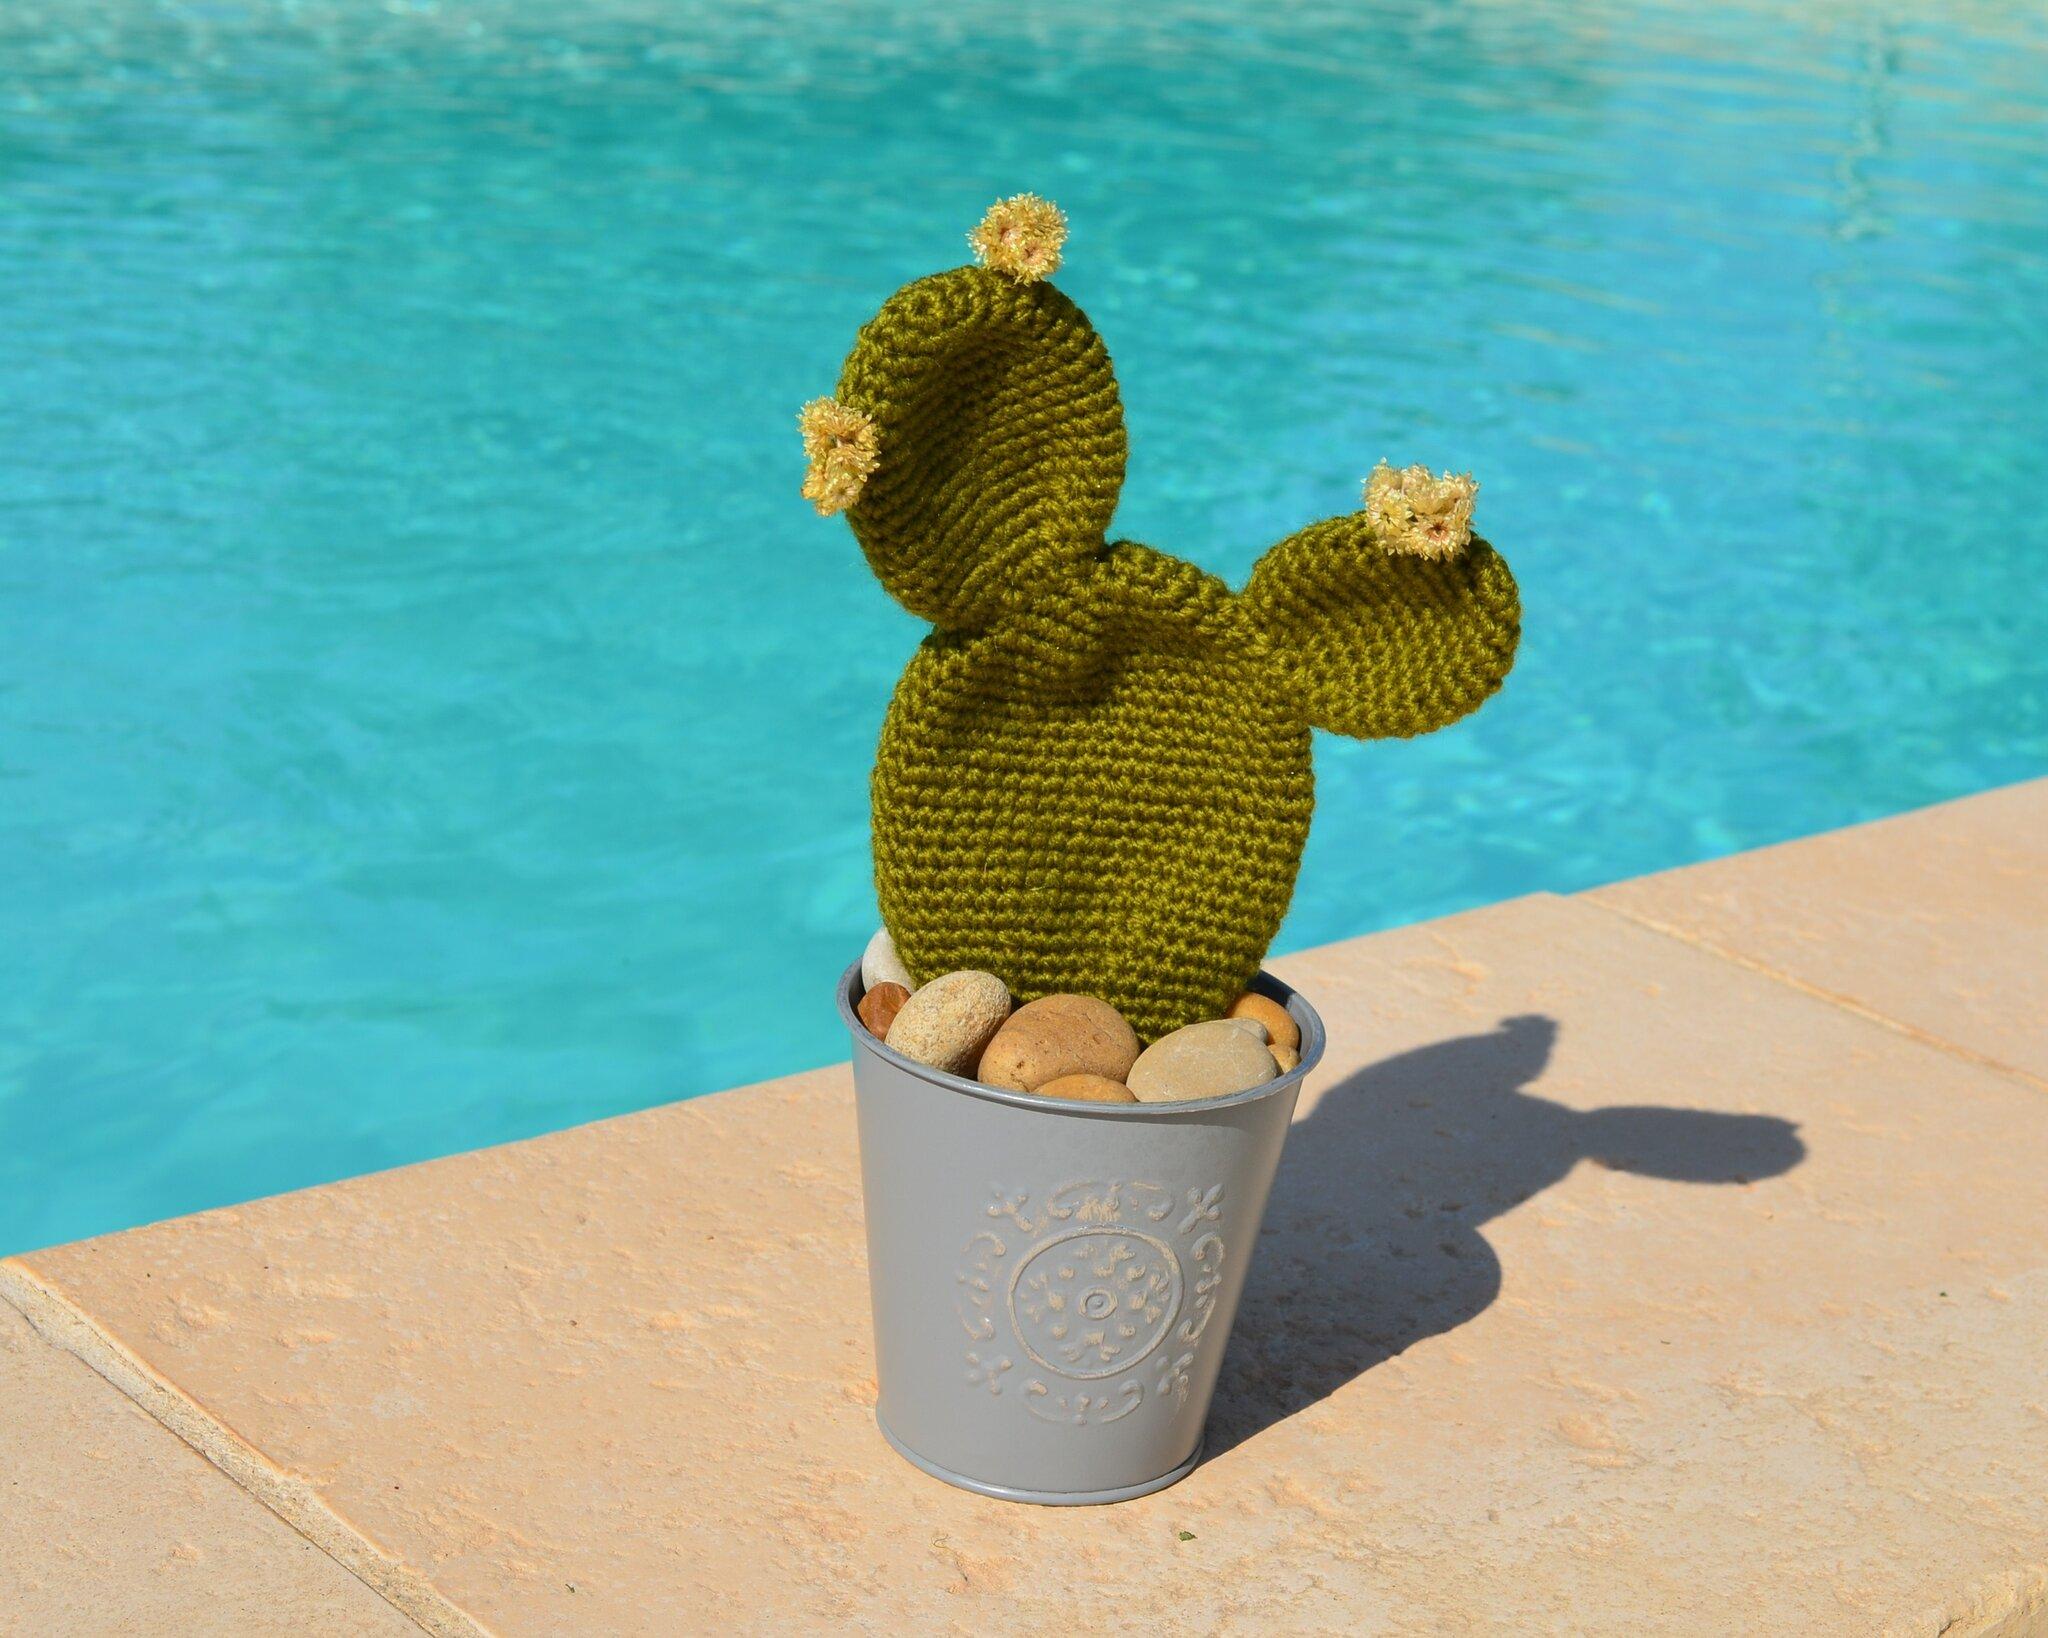 Cactus_au_crochet__laine__r_cup___DIY__tuto__La_chouette_bricole__4_